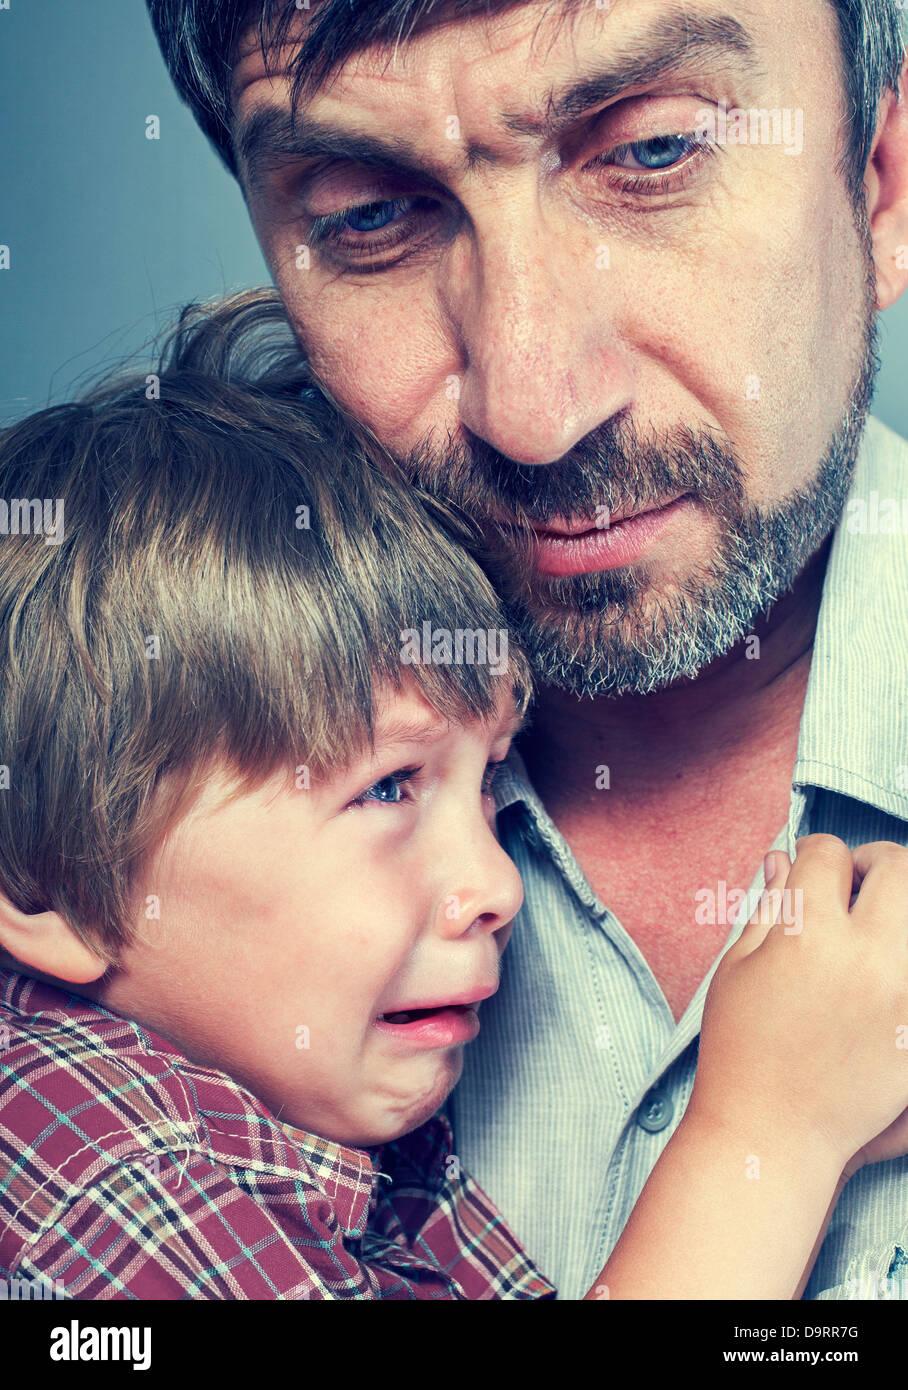 Père a compassion de ses fils Photo Stock